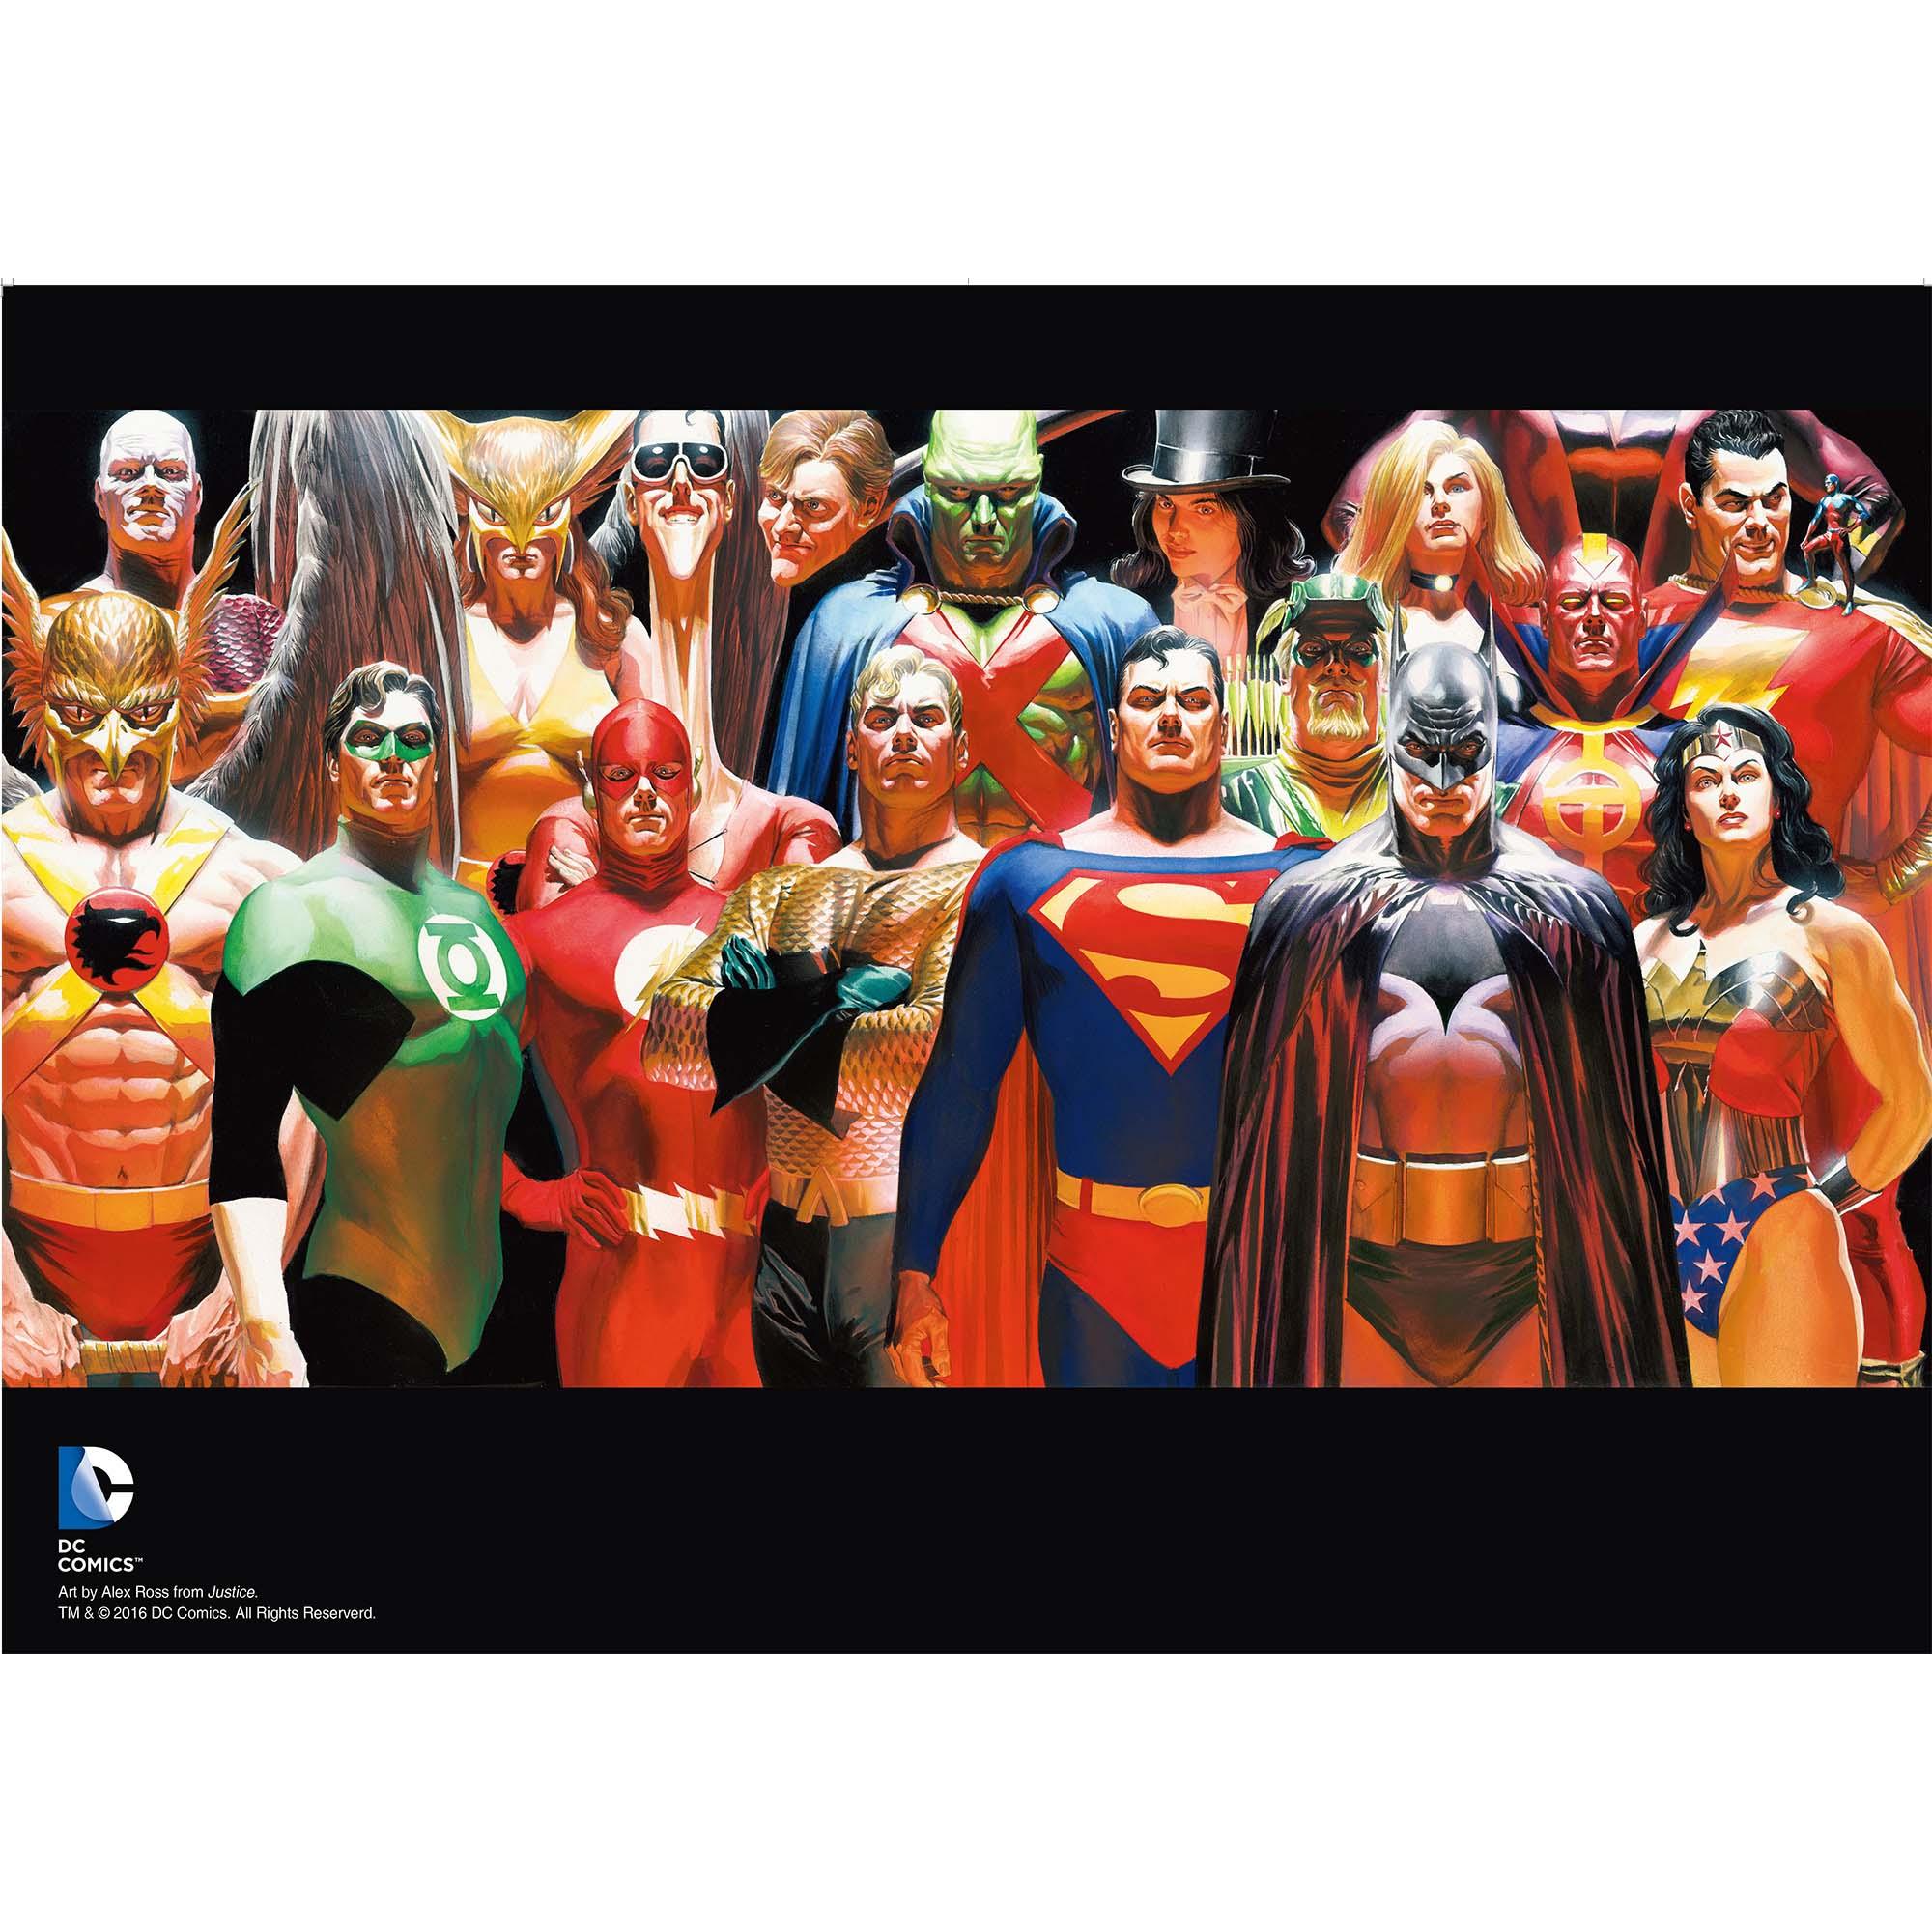 人 单本完结经典英文小说全彩漫画 级英雄漫画书 DC 华纳 亚历克斯罗斯绘 精装带函套赠海报 正义 世图美漫 正版现货